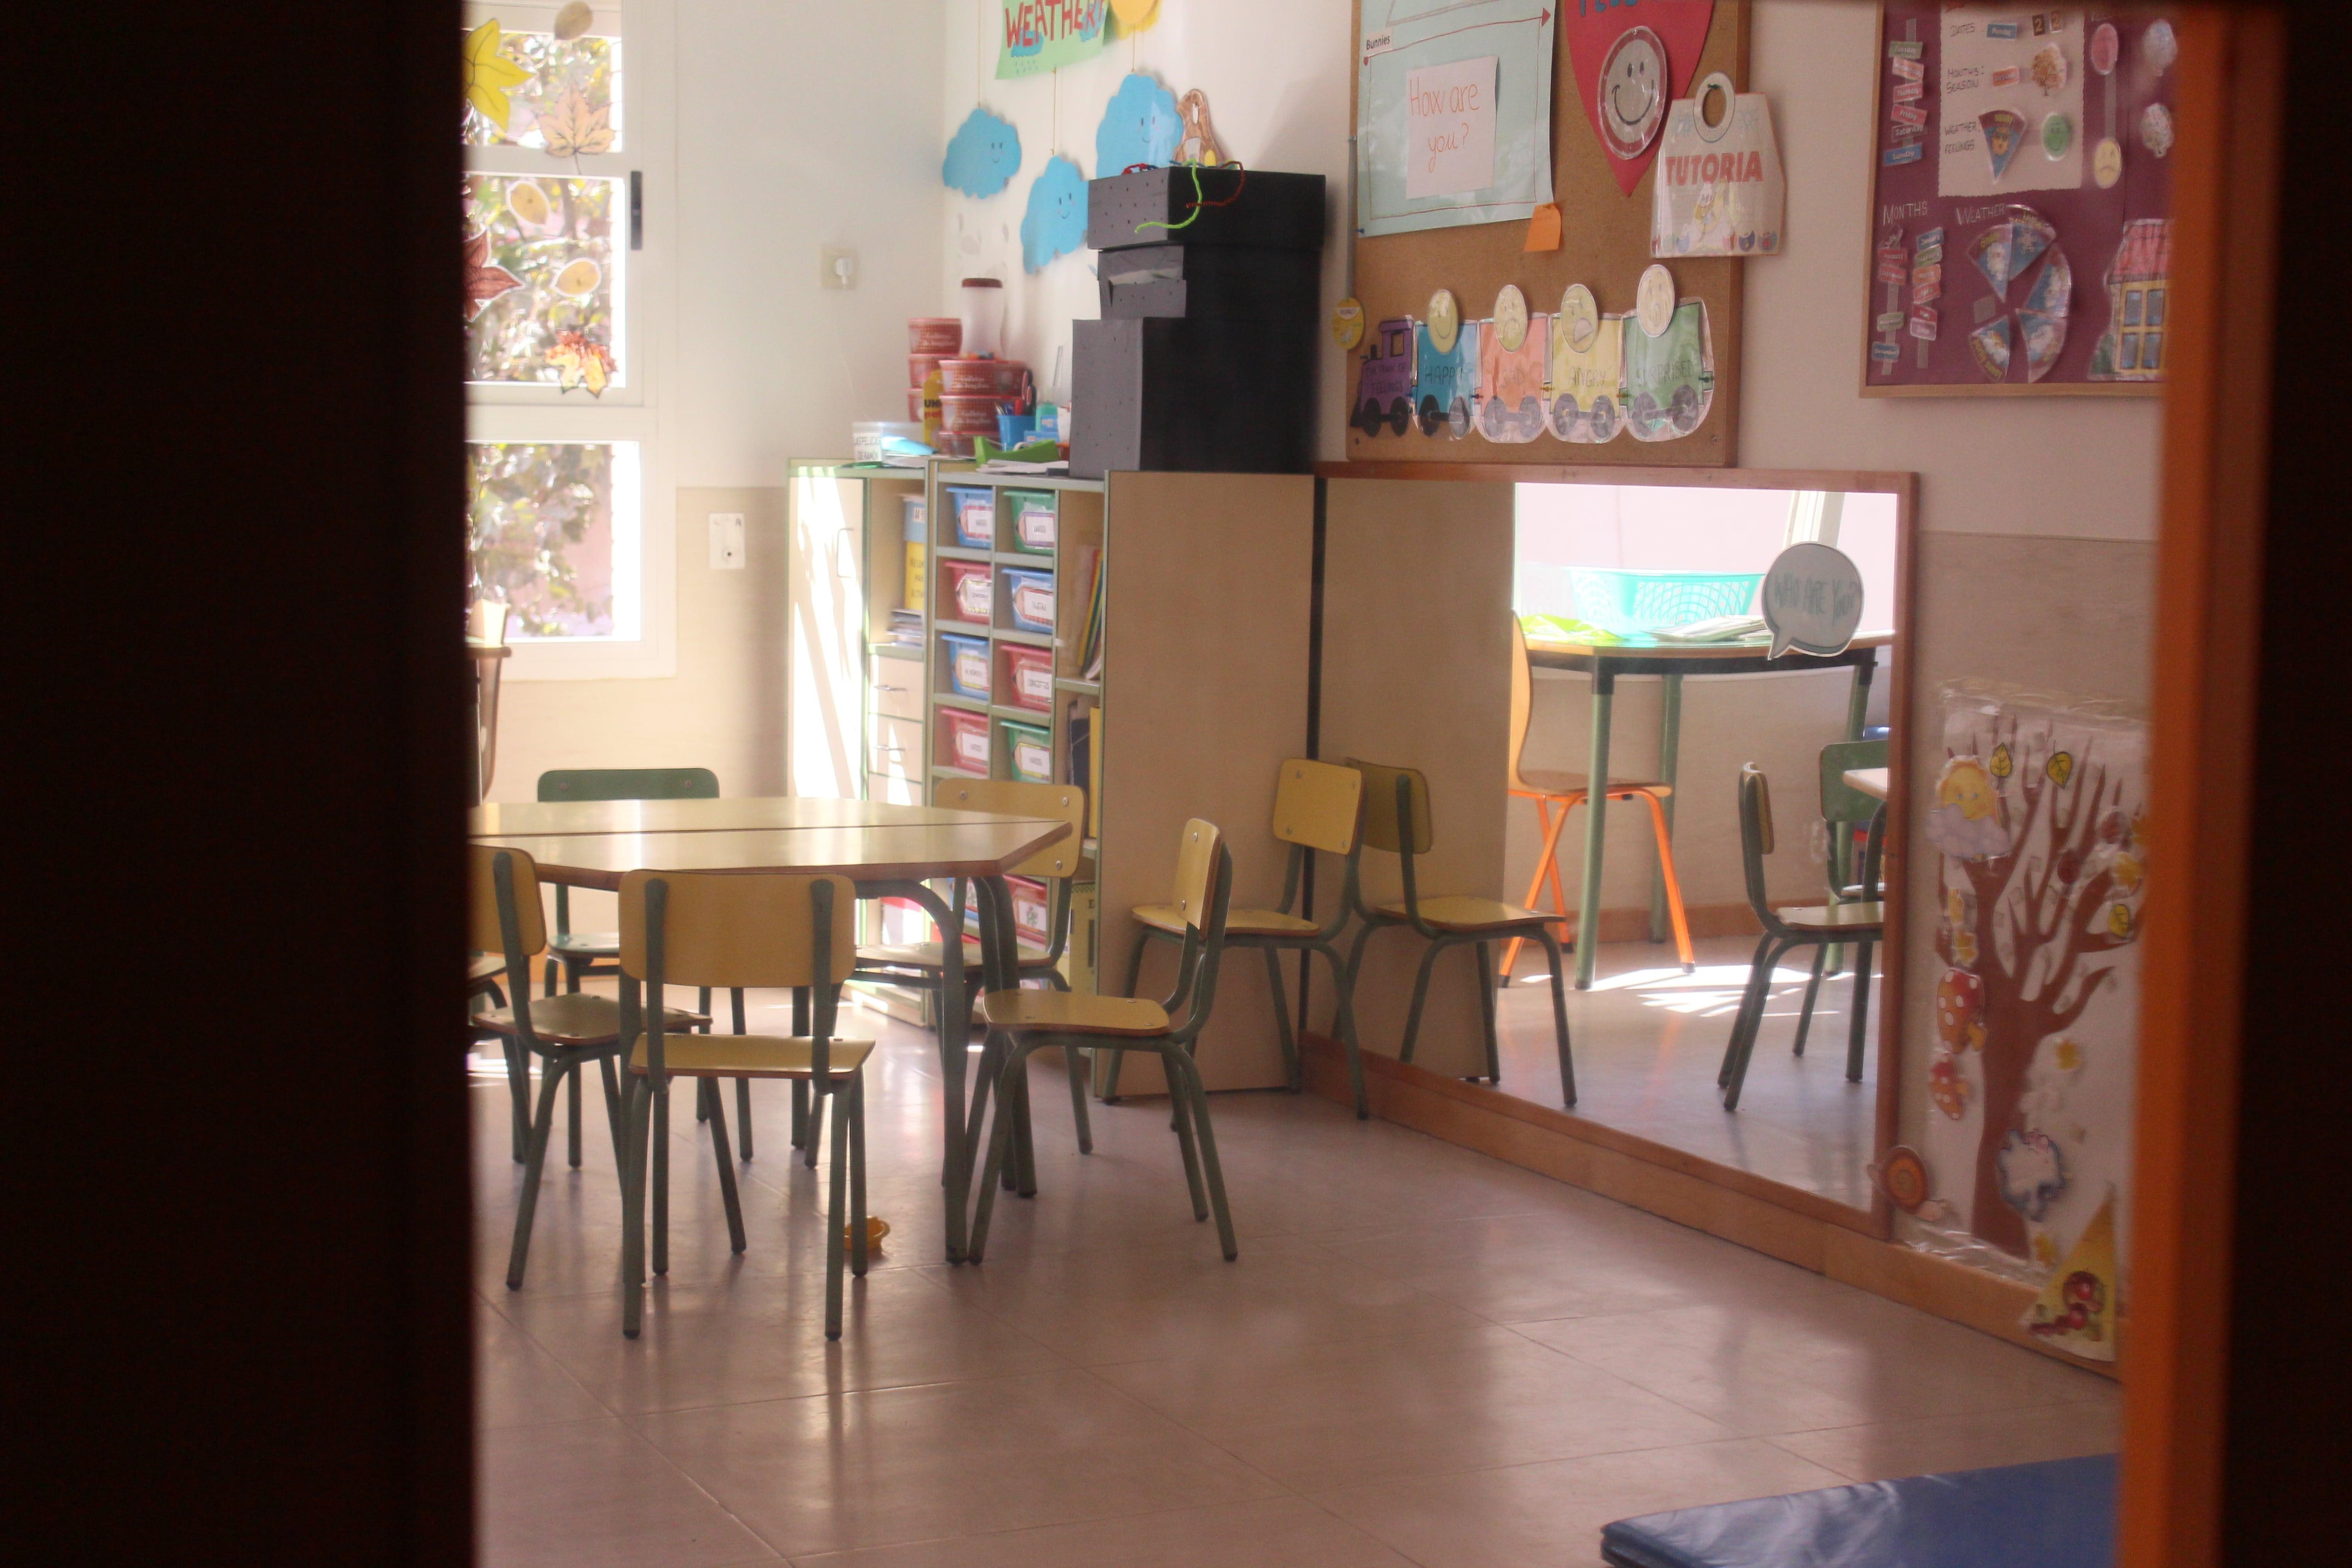 escuela infantil bilingüe en Valencia - clase vacía